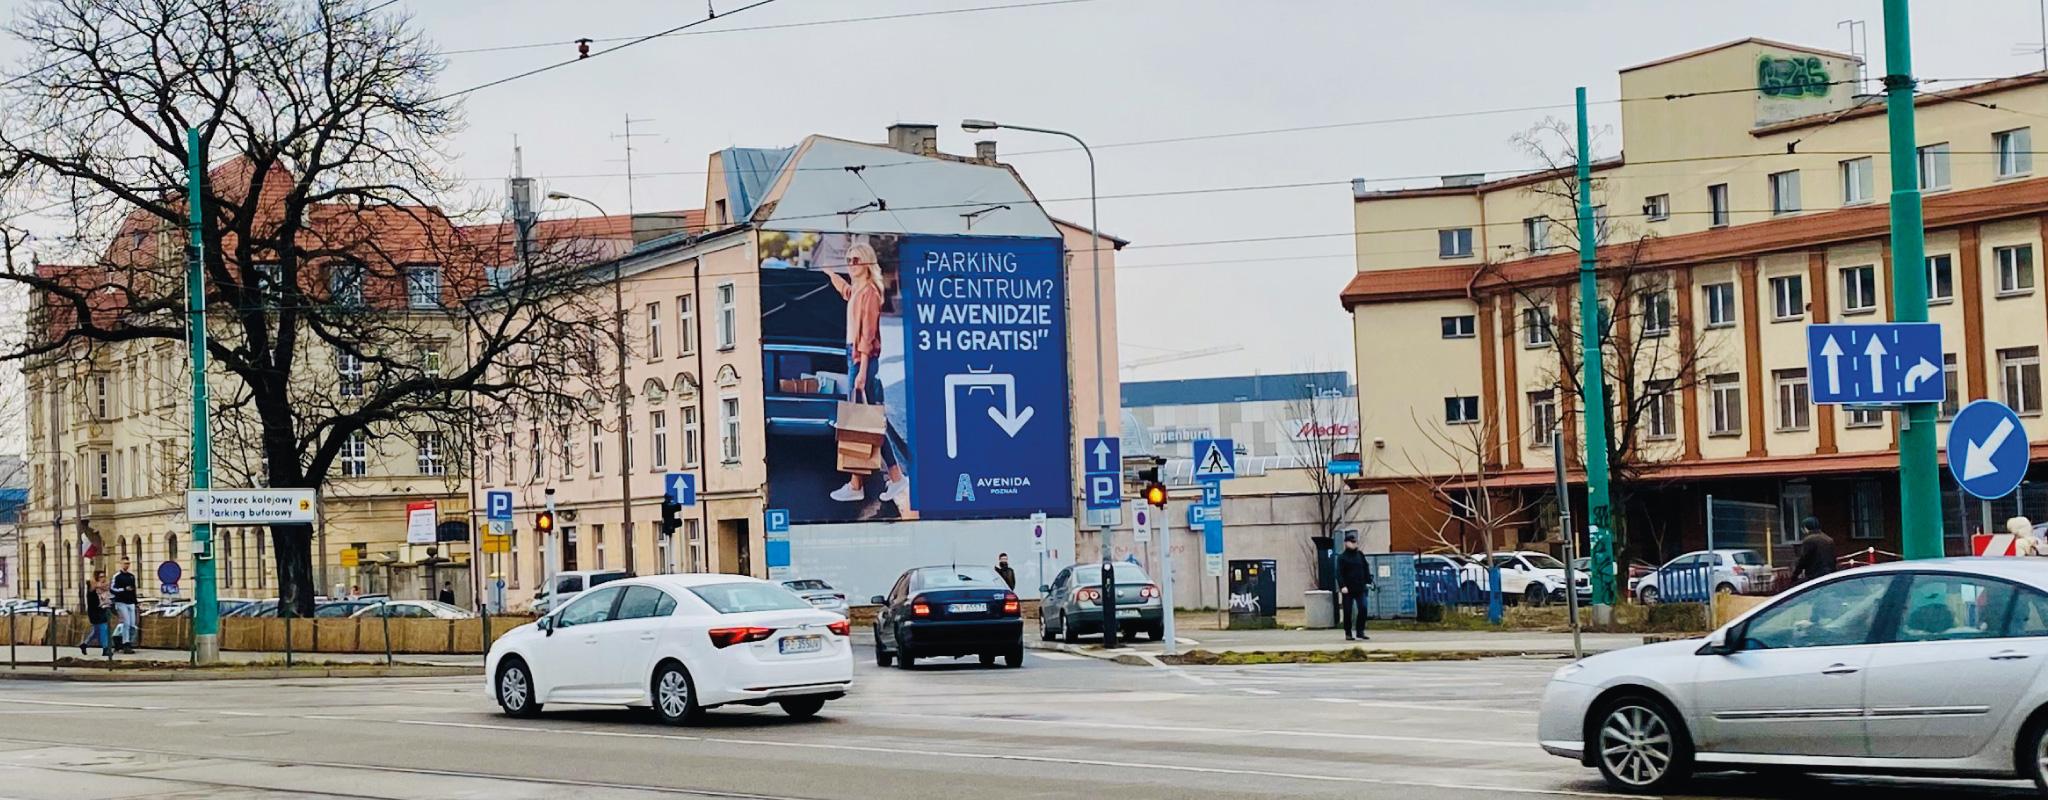 Duża powierzchnia reklamowa przy ulicy Głogowskiej dla Avenidy